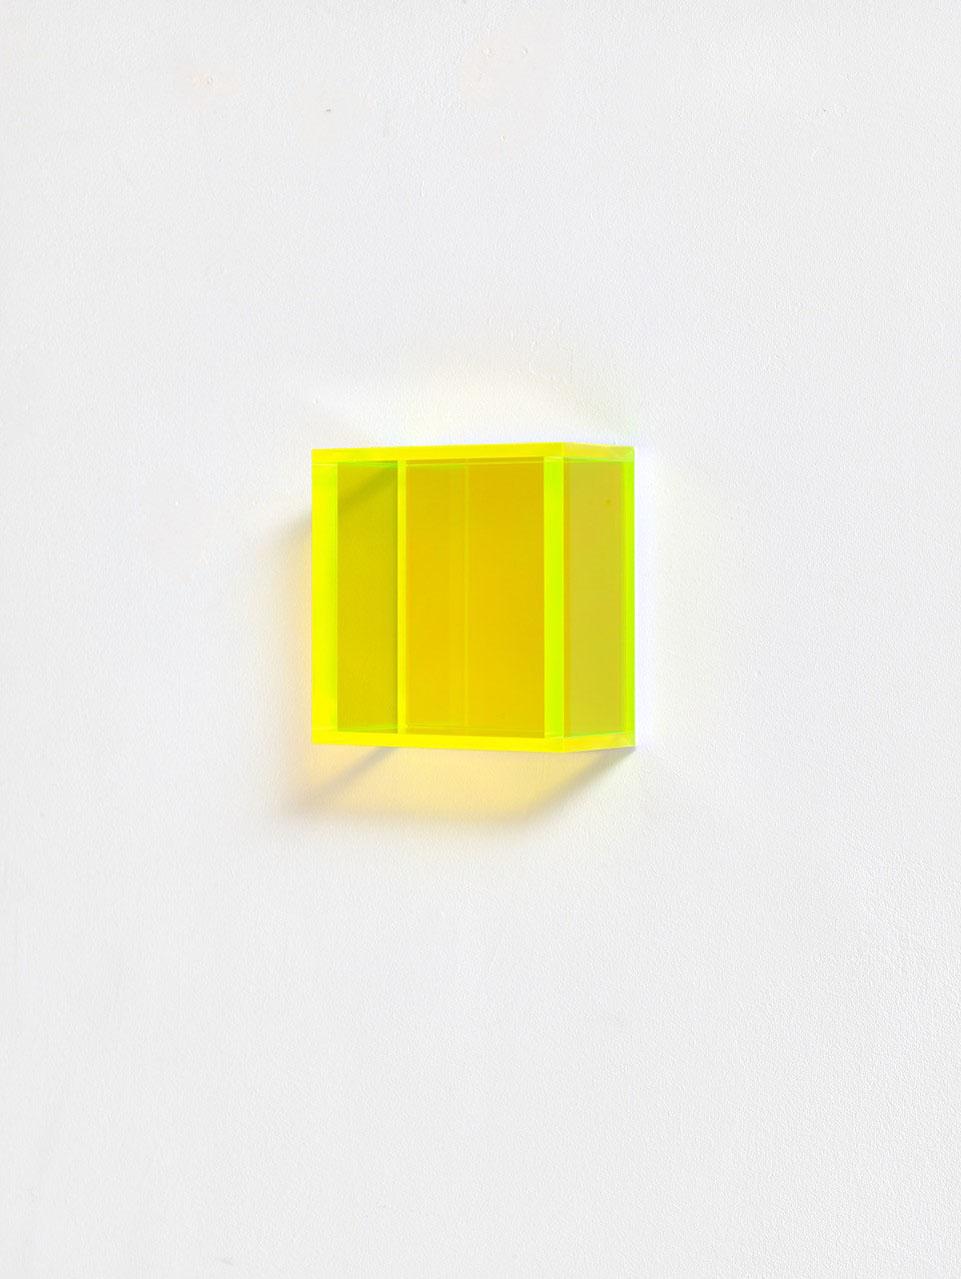 Regine Schumann - Axel Pairon gallery